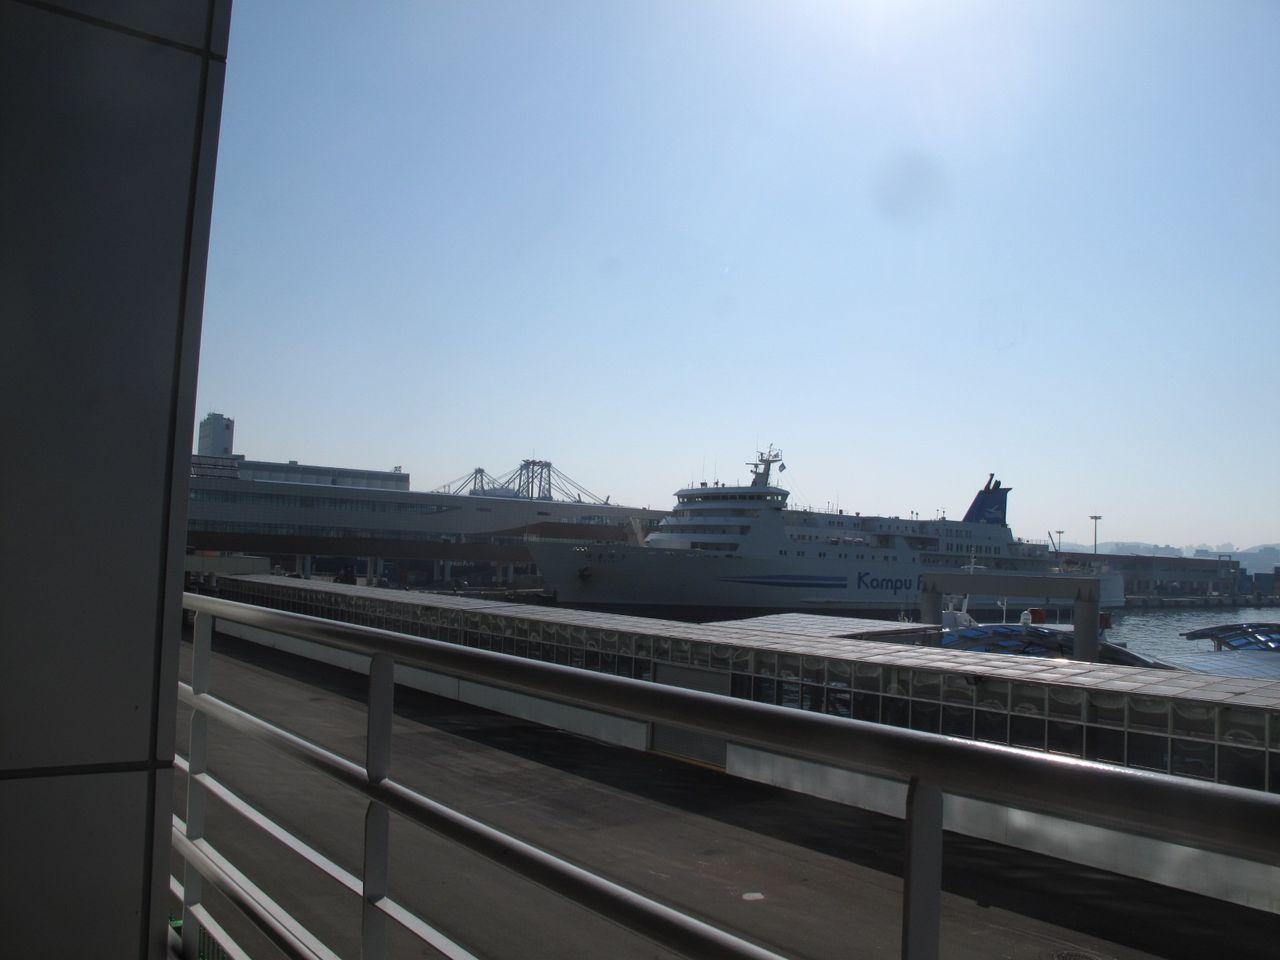 停泊する「はまゆう」(釜山港国際旅客ターミナル)